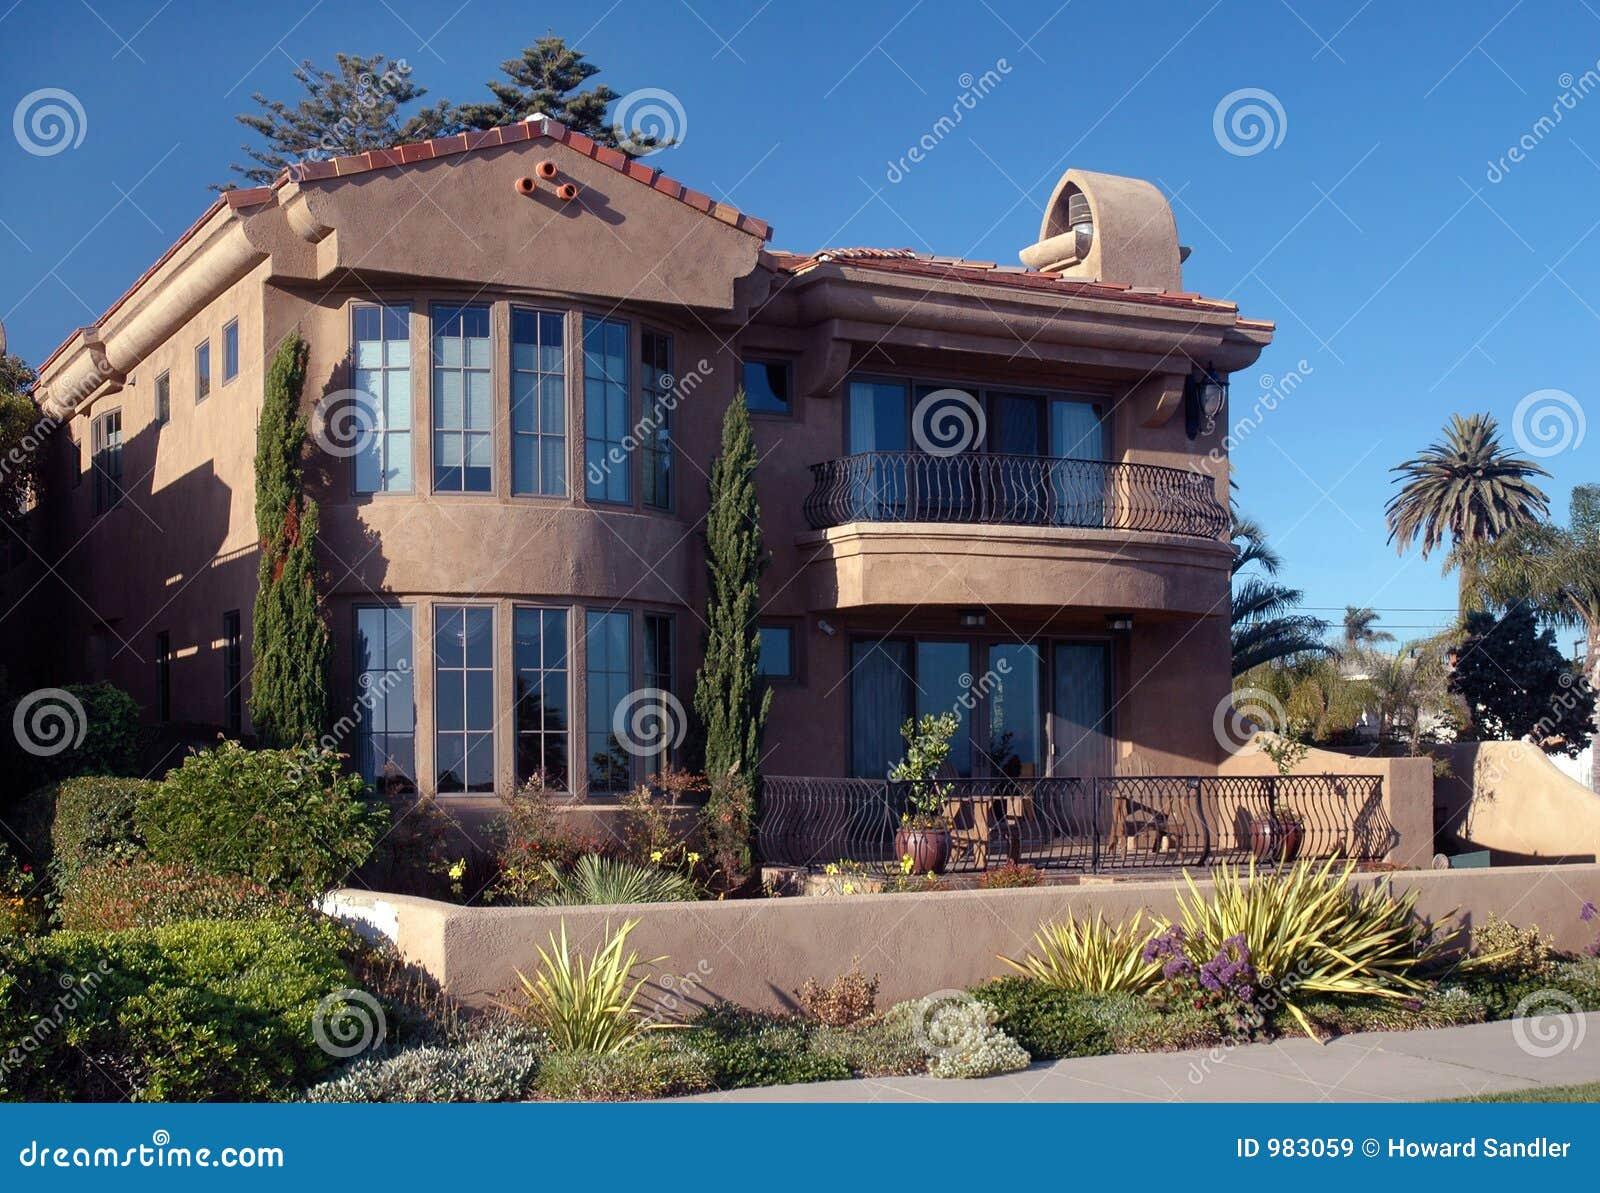 Coperta in spagnolo casamia idea di immagine for Case di architettura spagnola